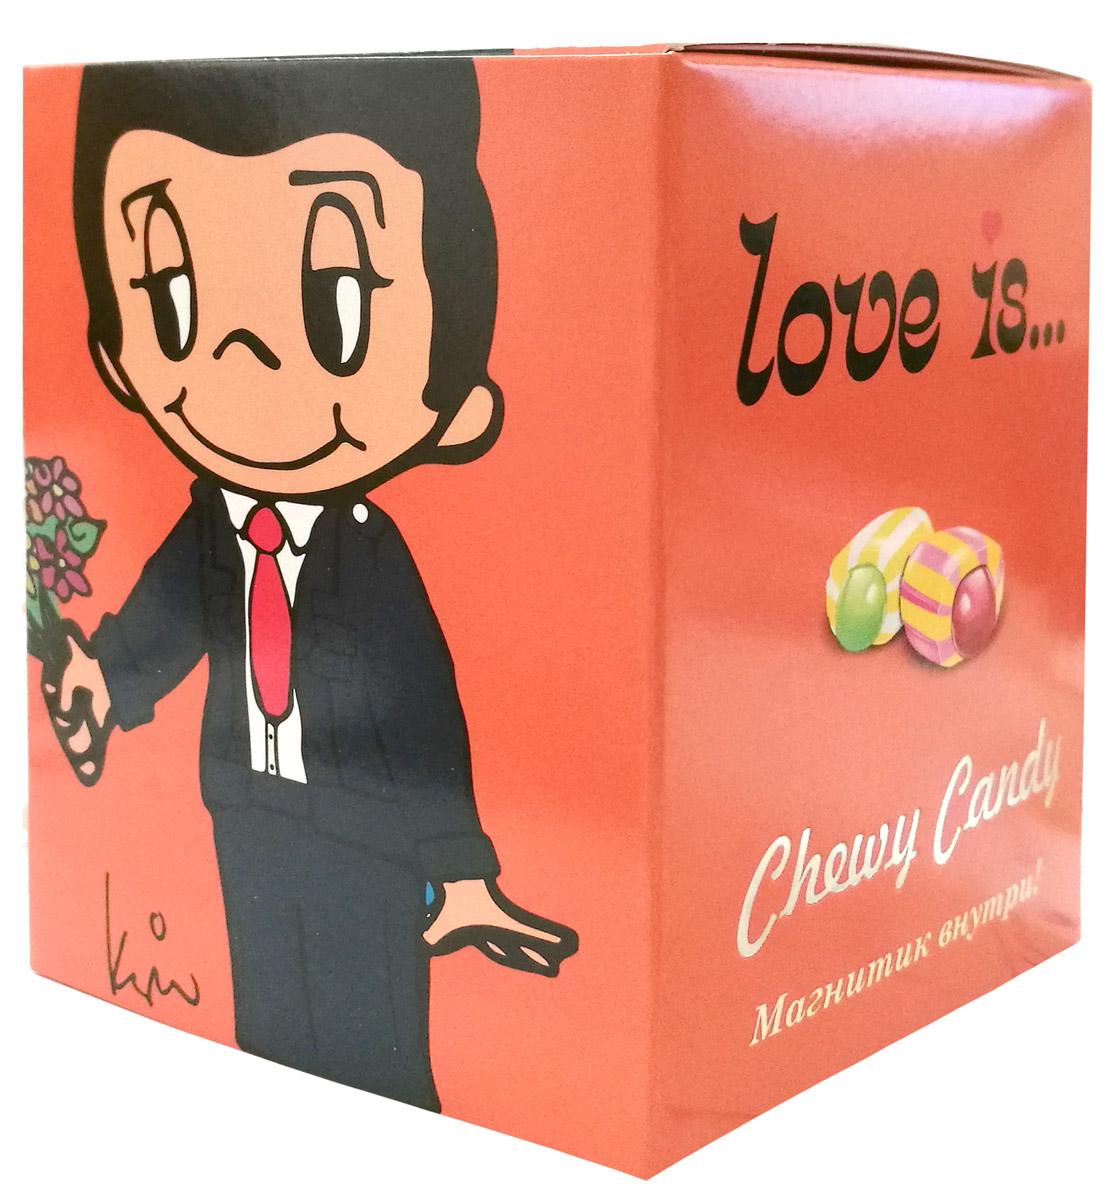 Love is Жевательные конфеты с жидким центром, 125 г love is микс жевательные конфеты девочки 125 г